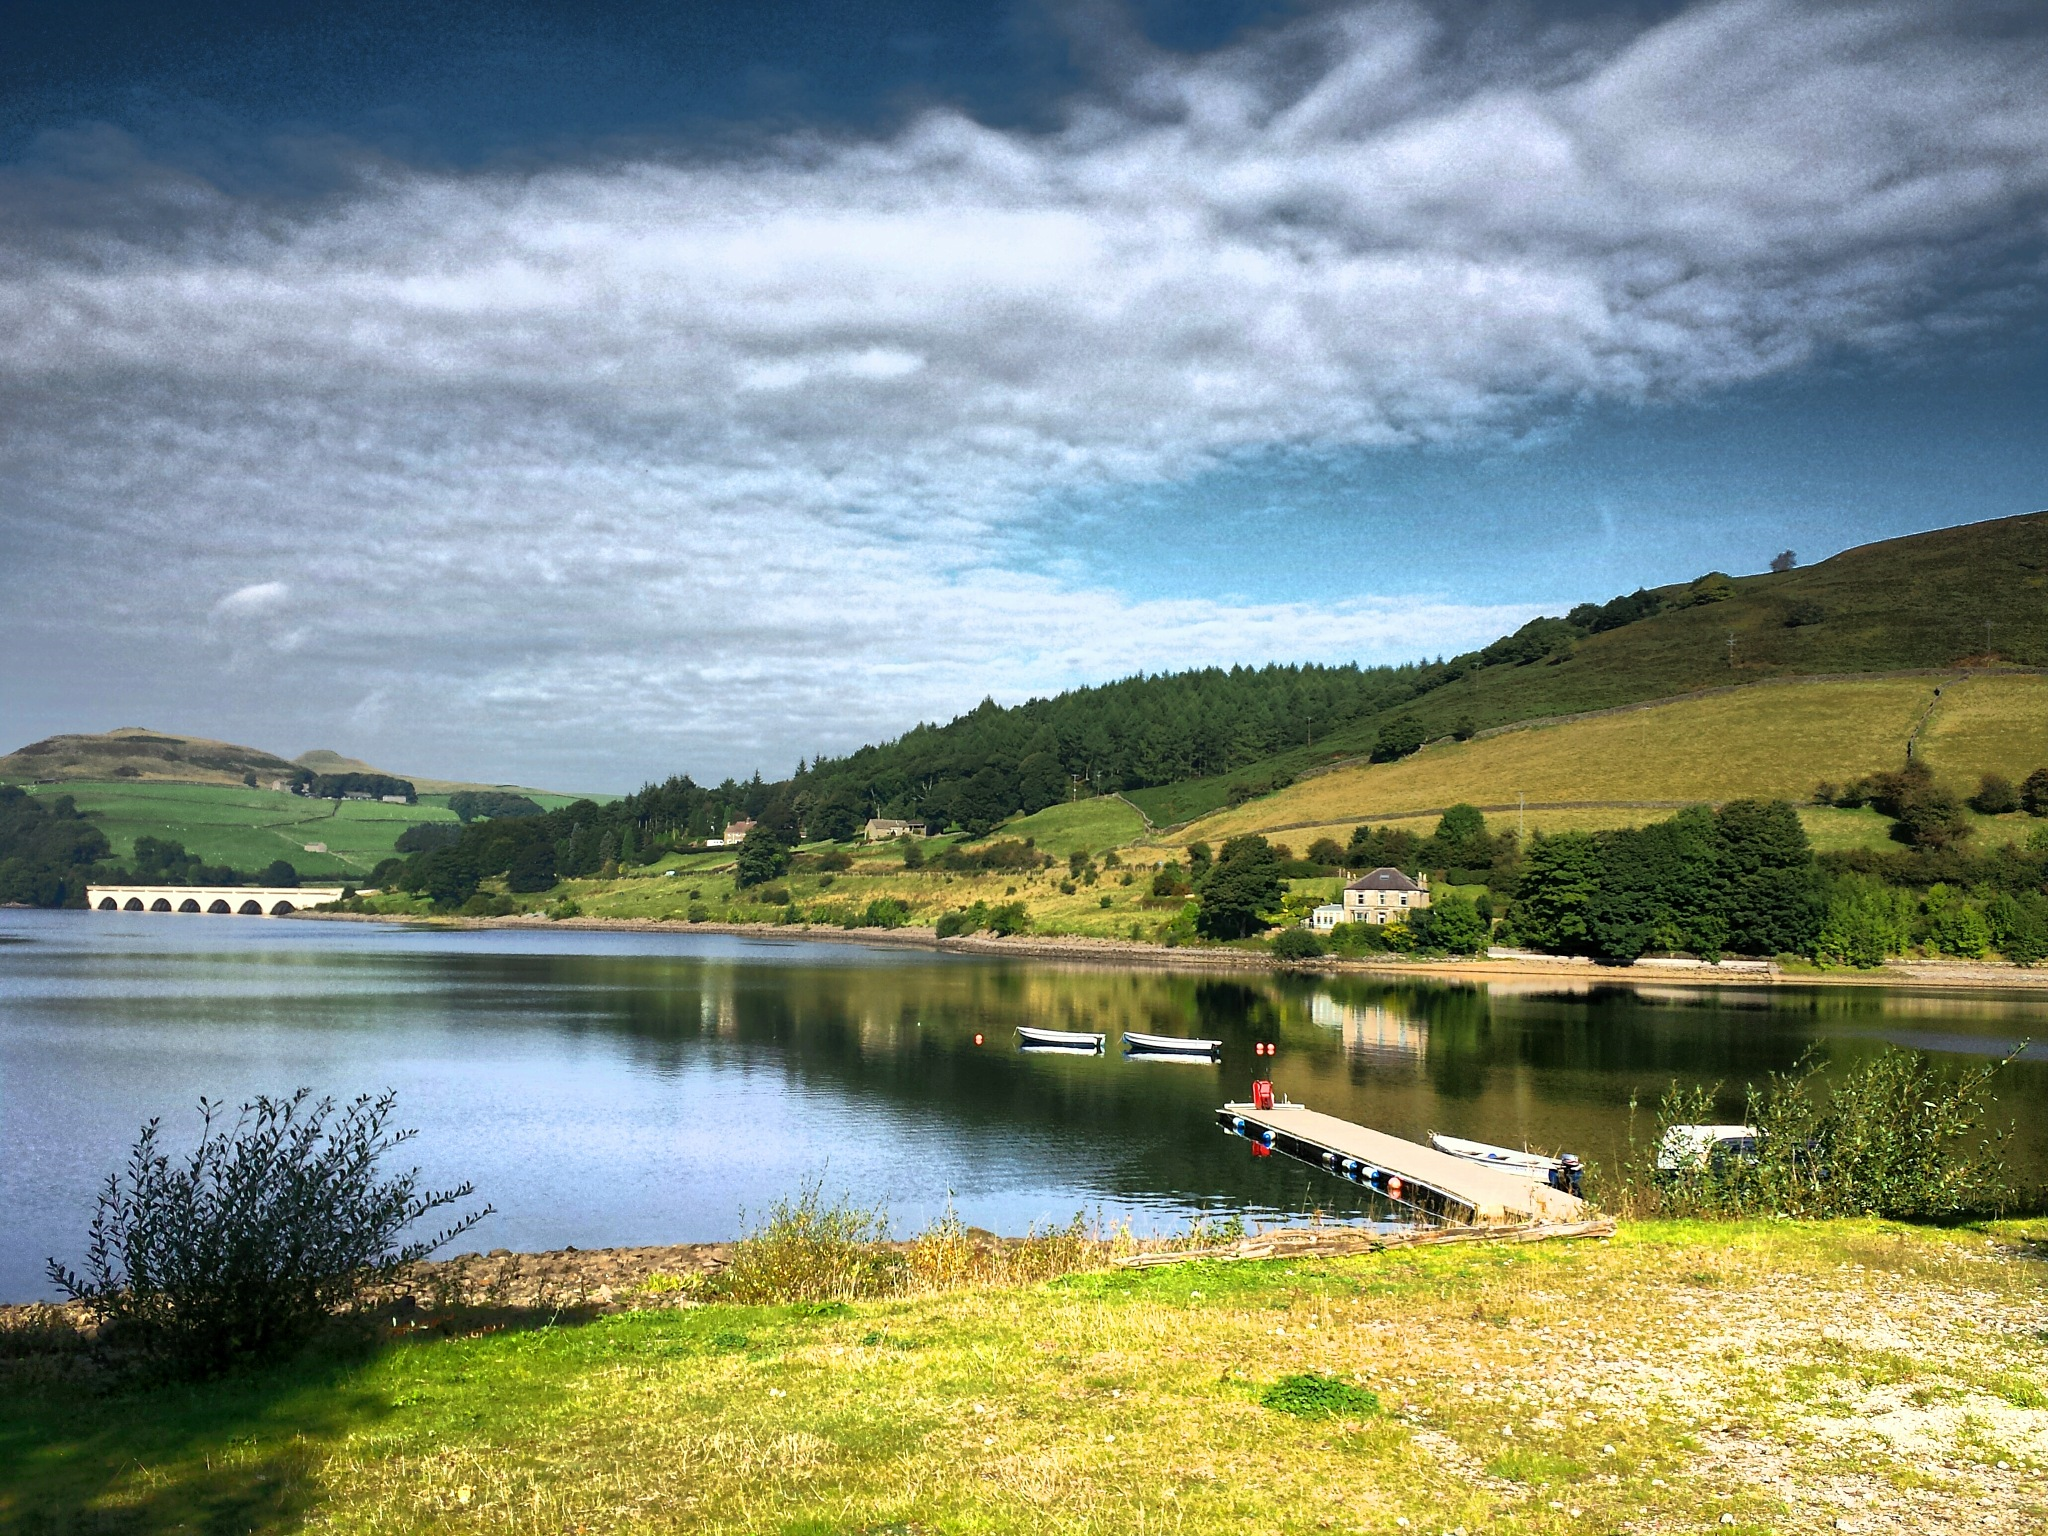 ladybower reservoir  by steve simpson